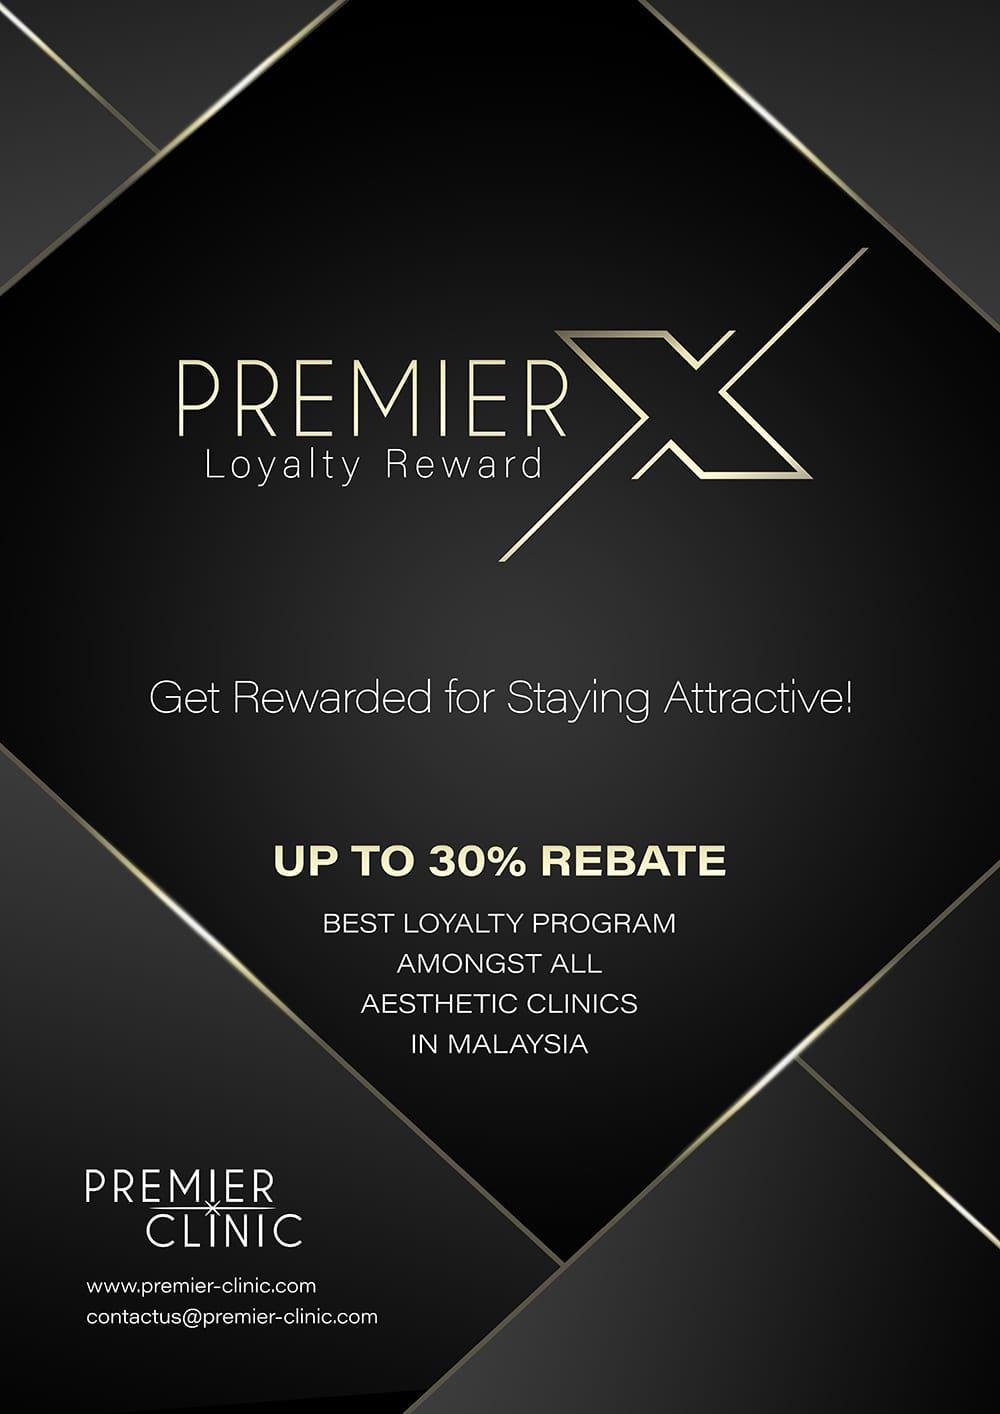 Premier X Loyalty Reward